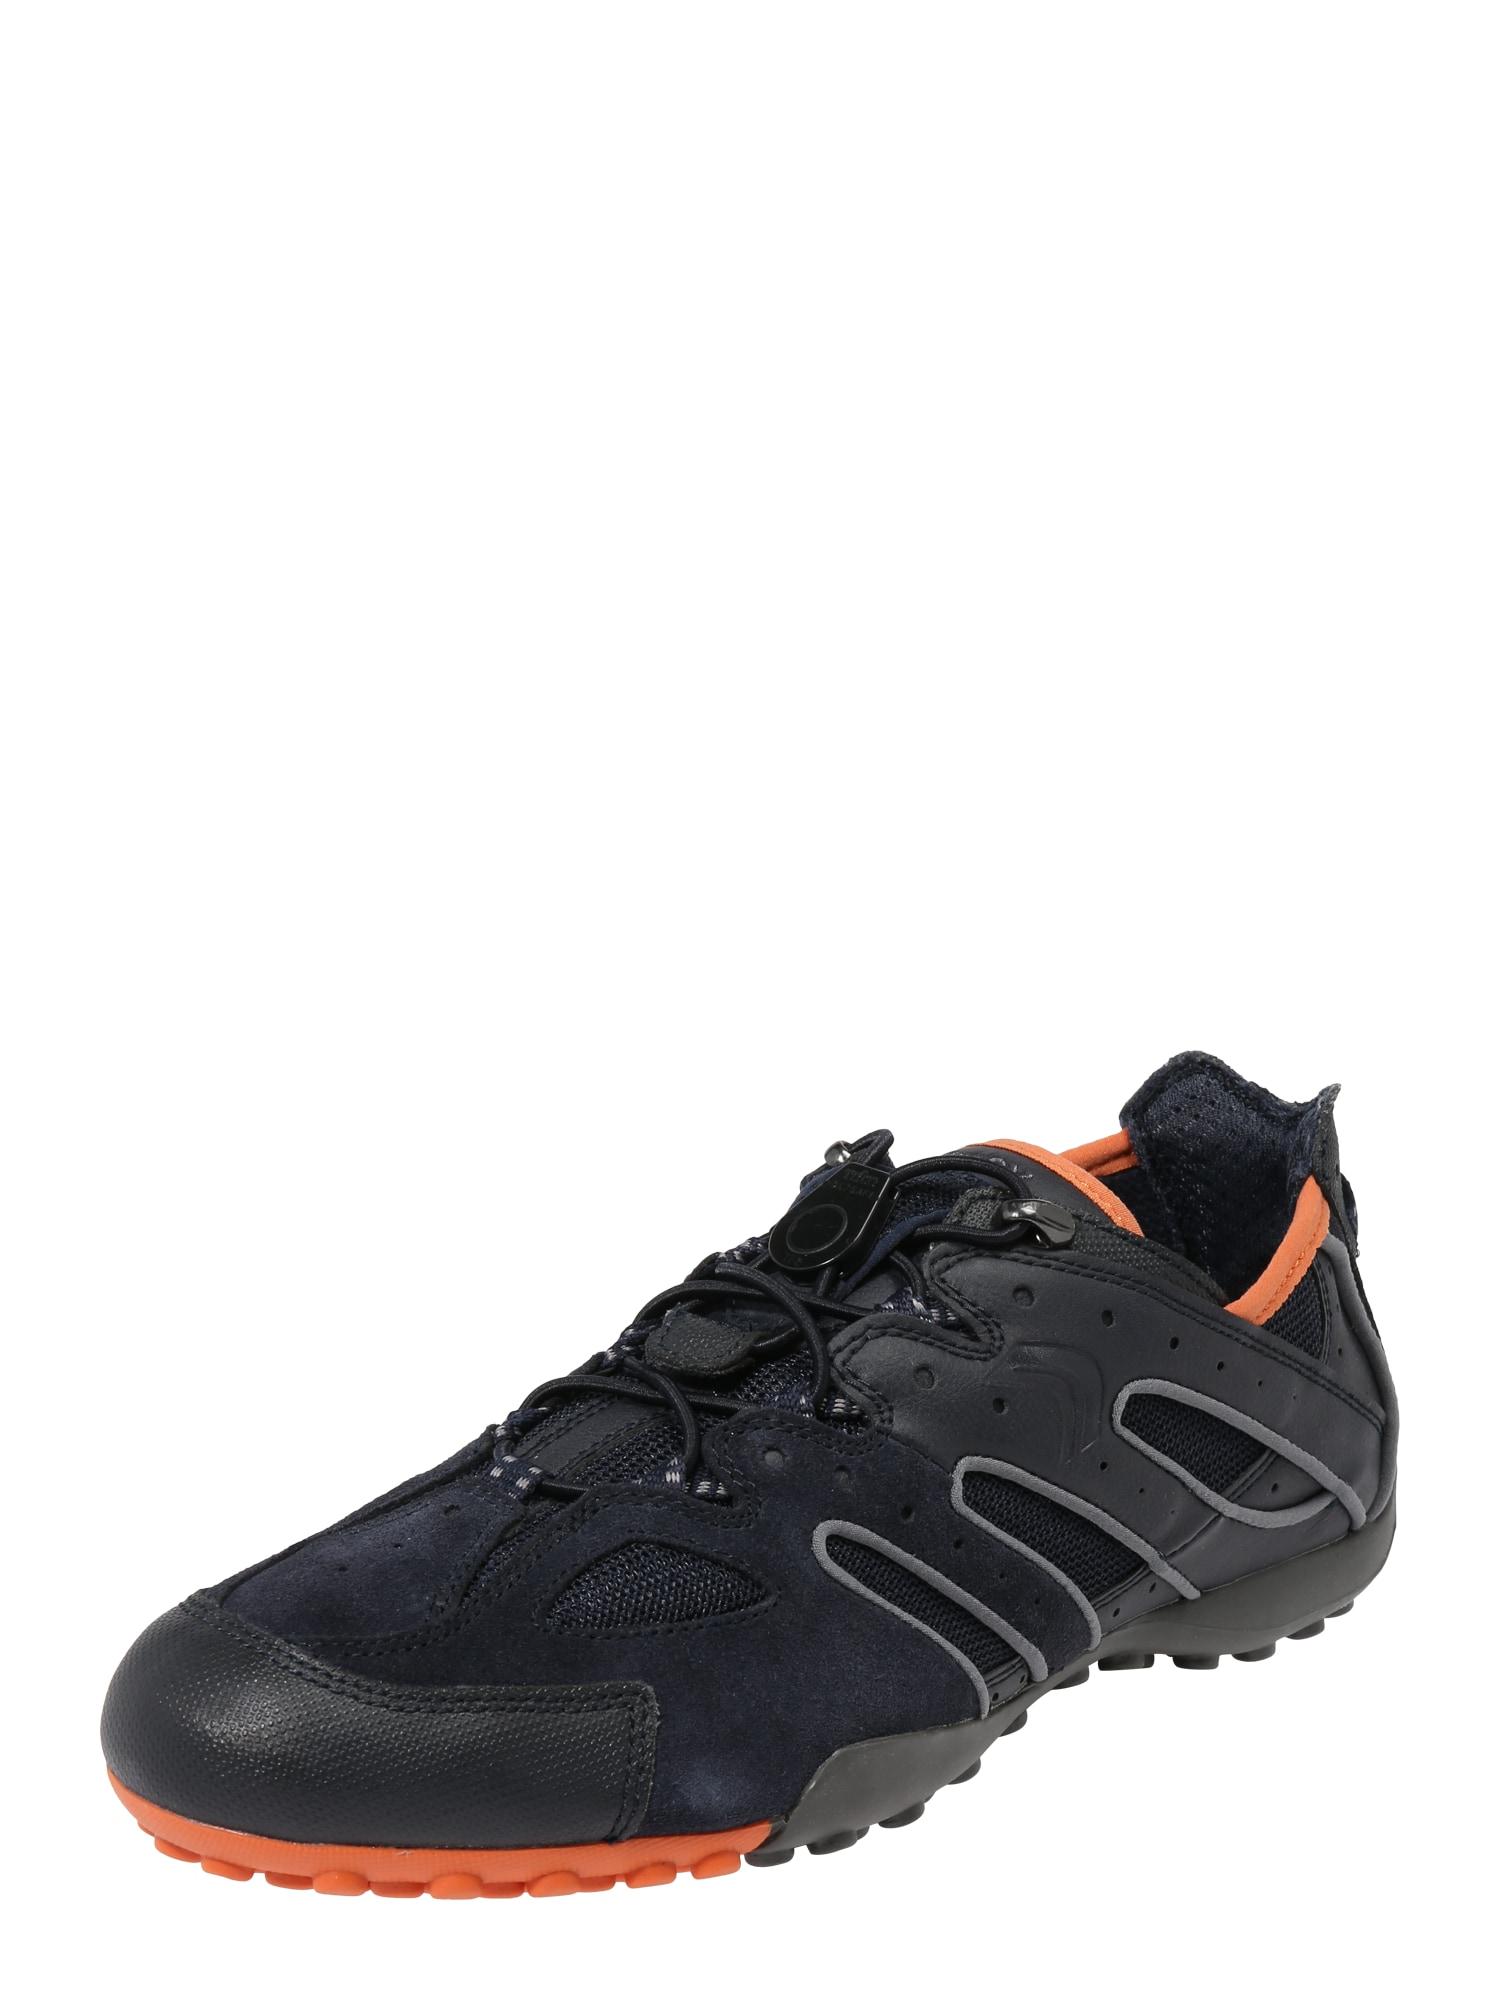 Tenisky Uomo Snake tmavě oranžová černá GEOX